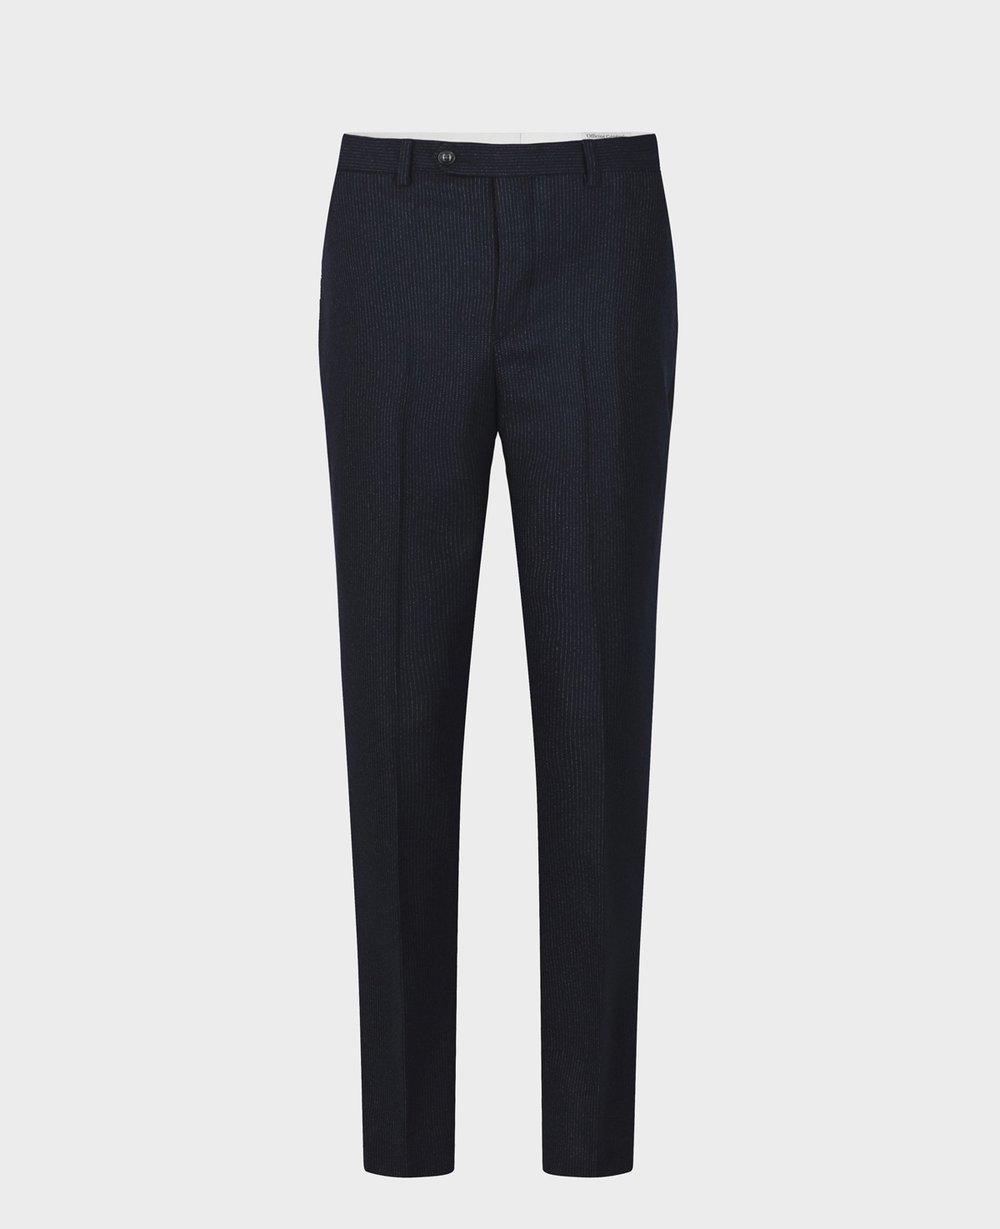 pantalon-paul-rayure-tennis-laine.jpg